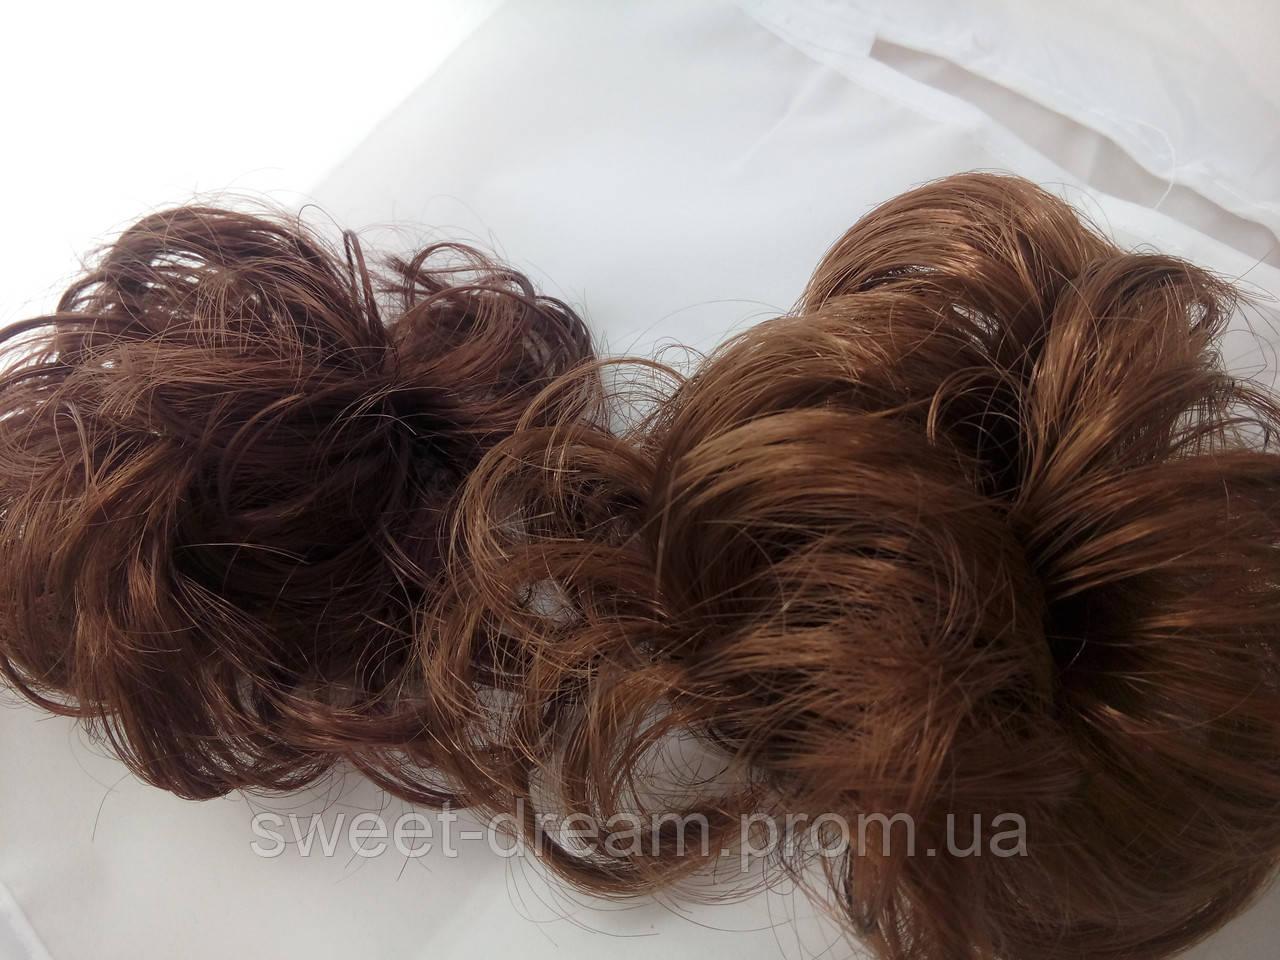 Характеристика искусственных волос